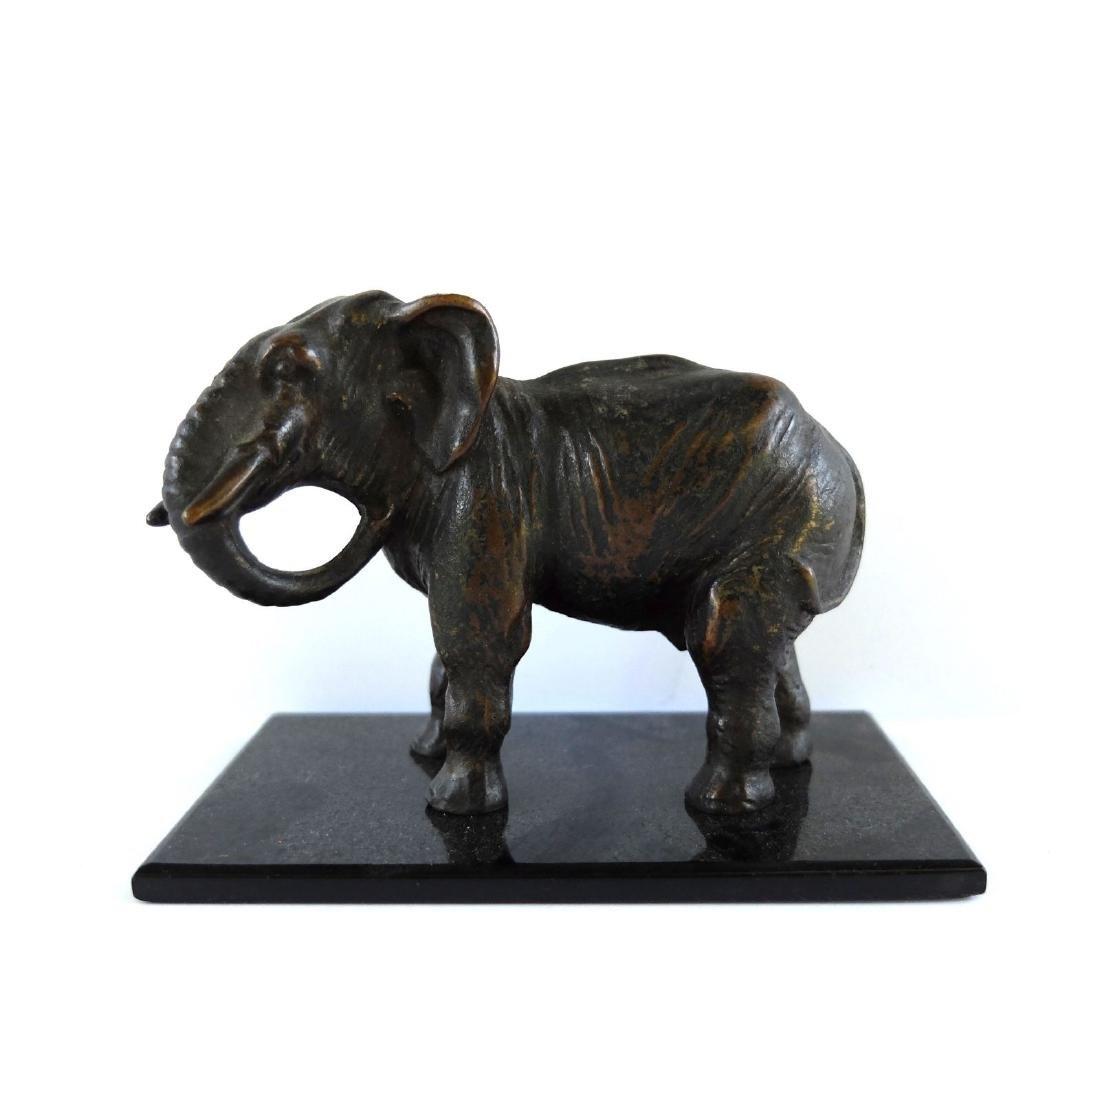 A FINE ANTIQUE BRONZE SMALL ELEPHANT STATUE FIGURINE